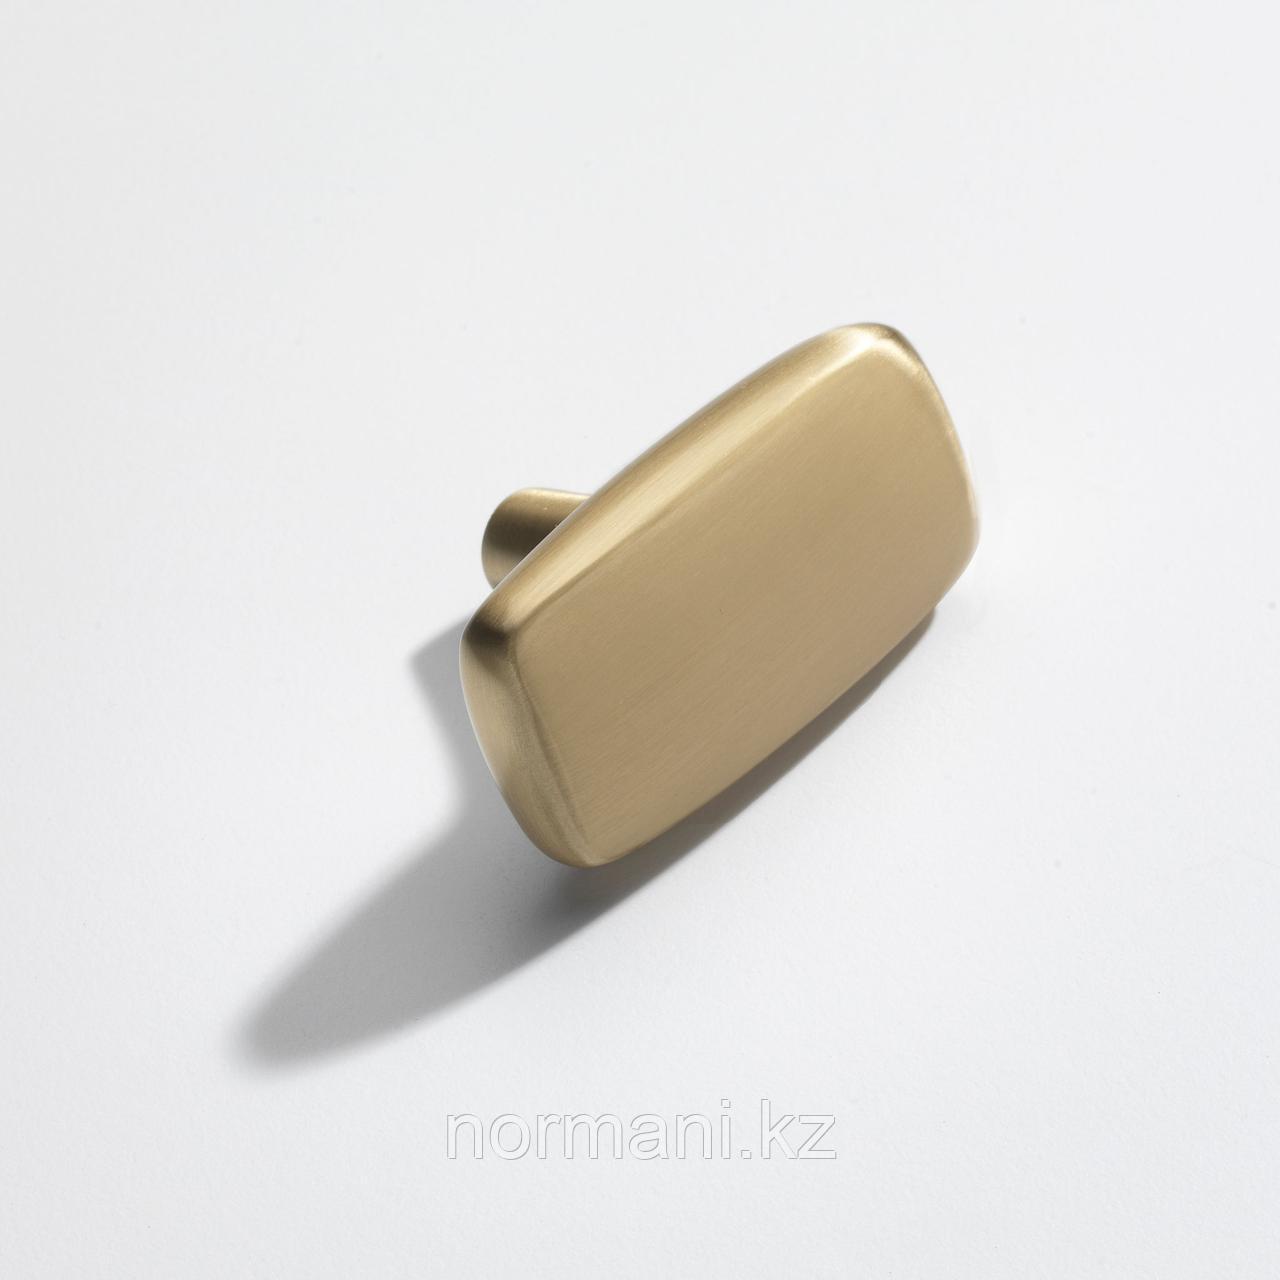 Ручка кнопка L.60, отделка золото матовое